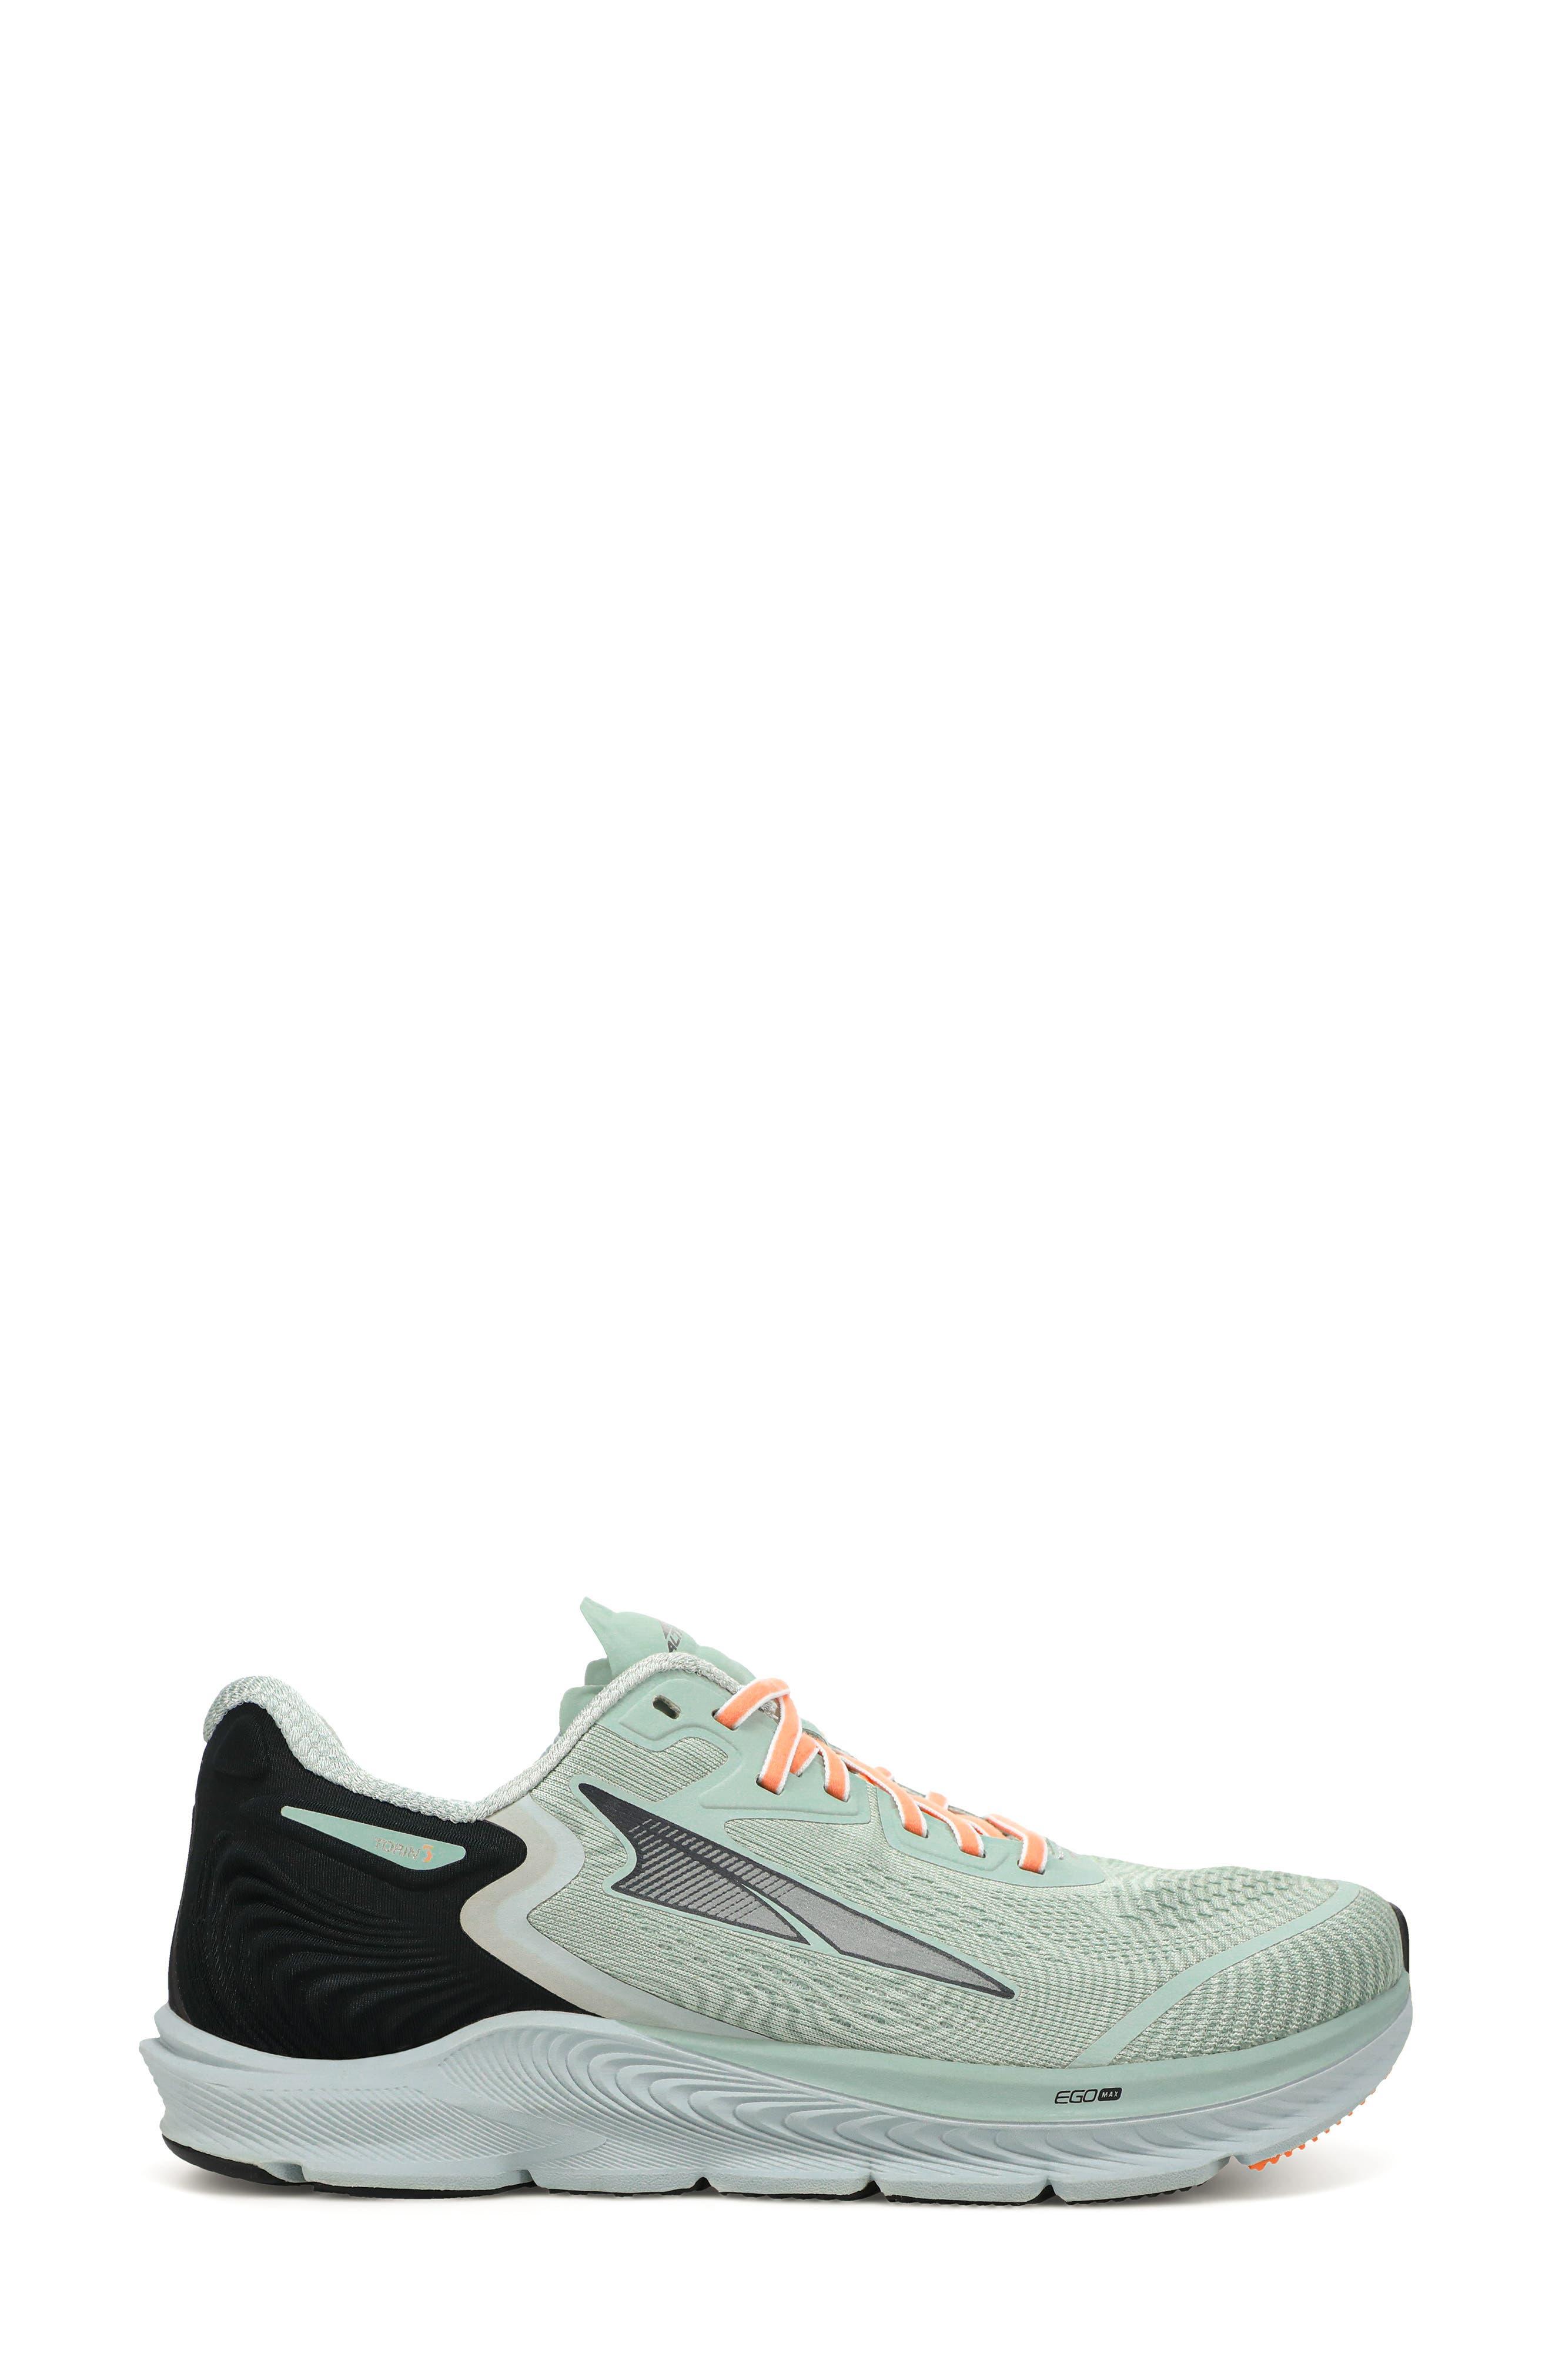 Torin 5 Running Shoe